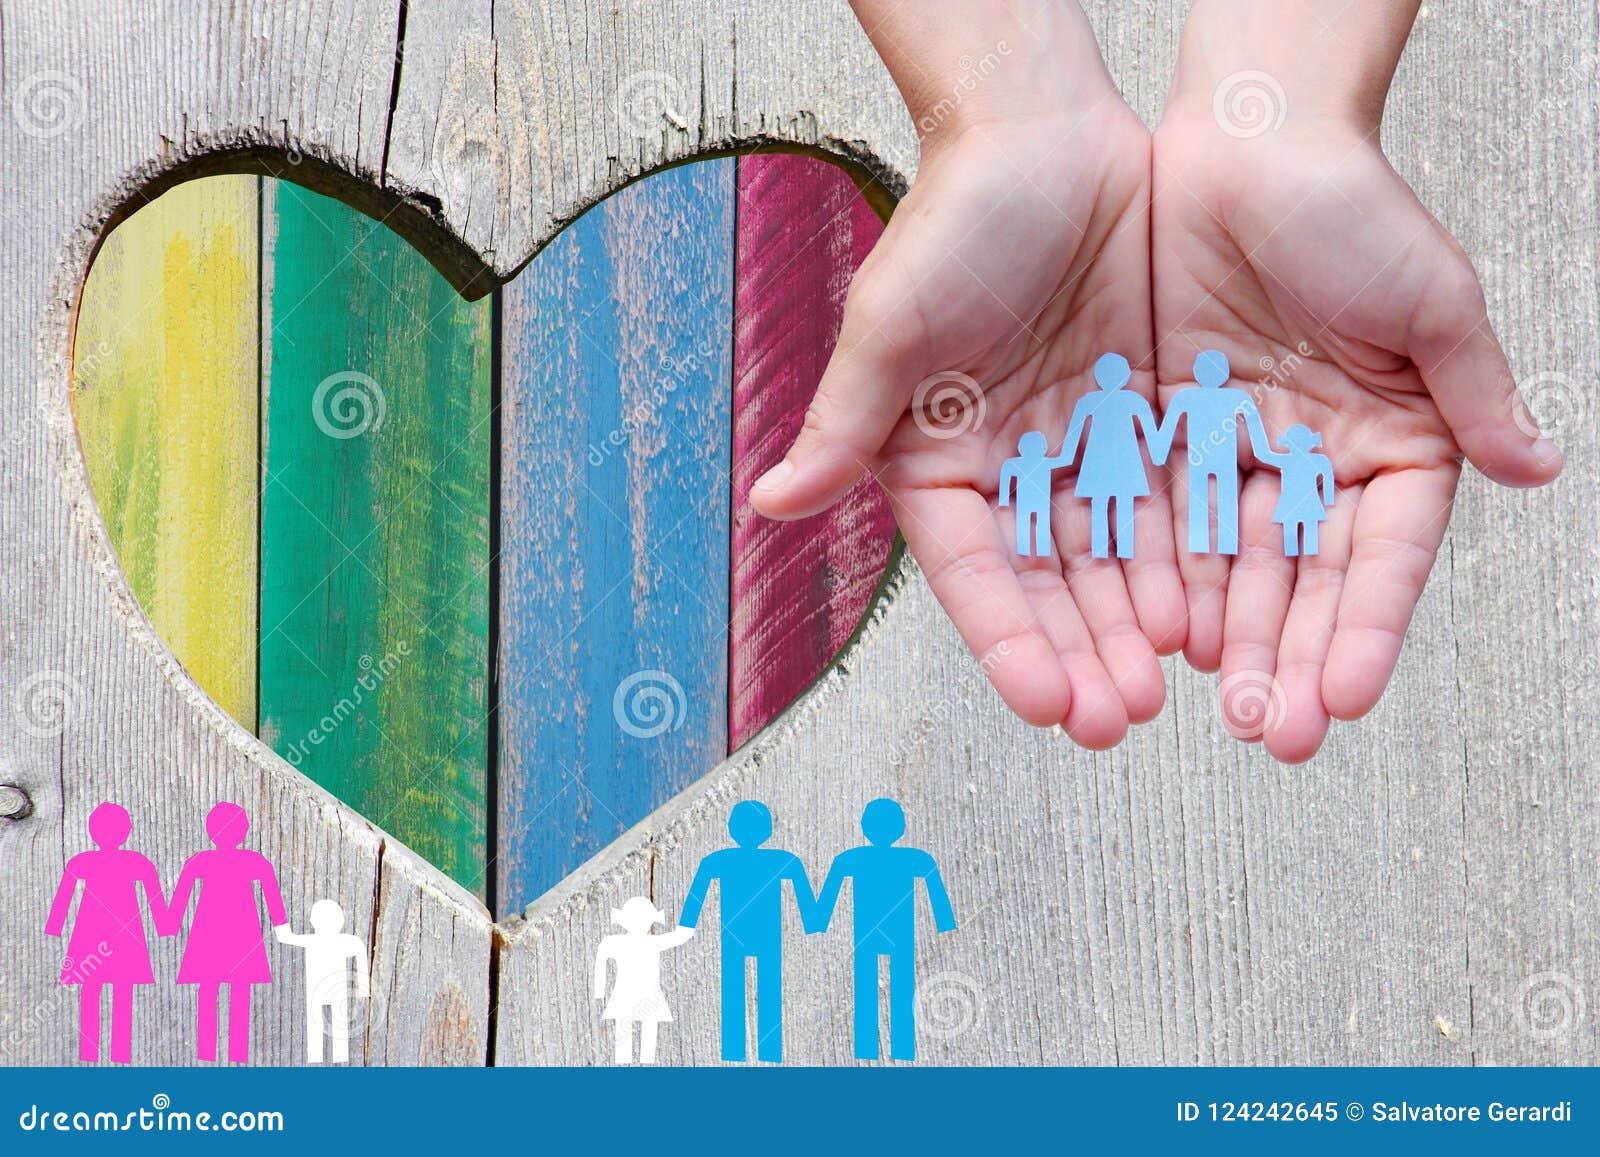 Gay lesbian families photos